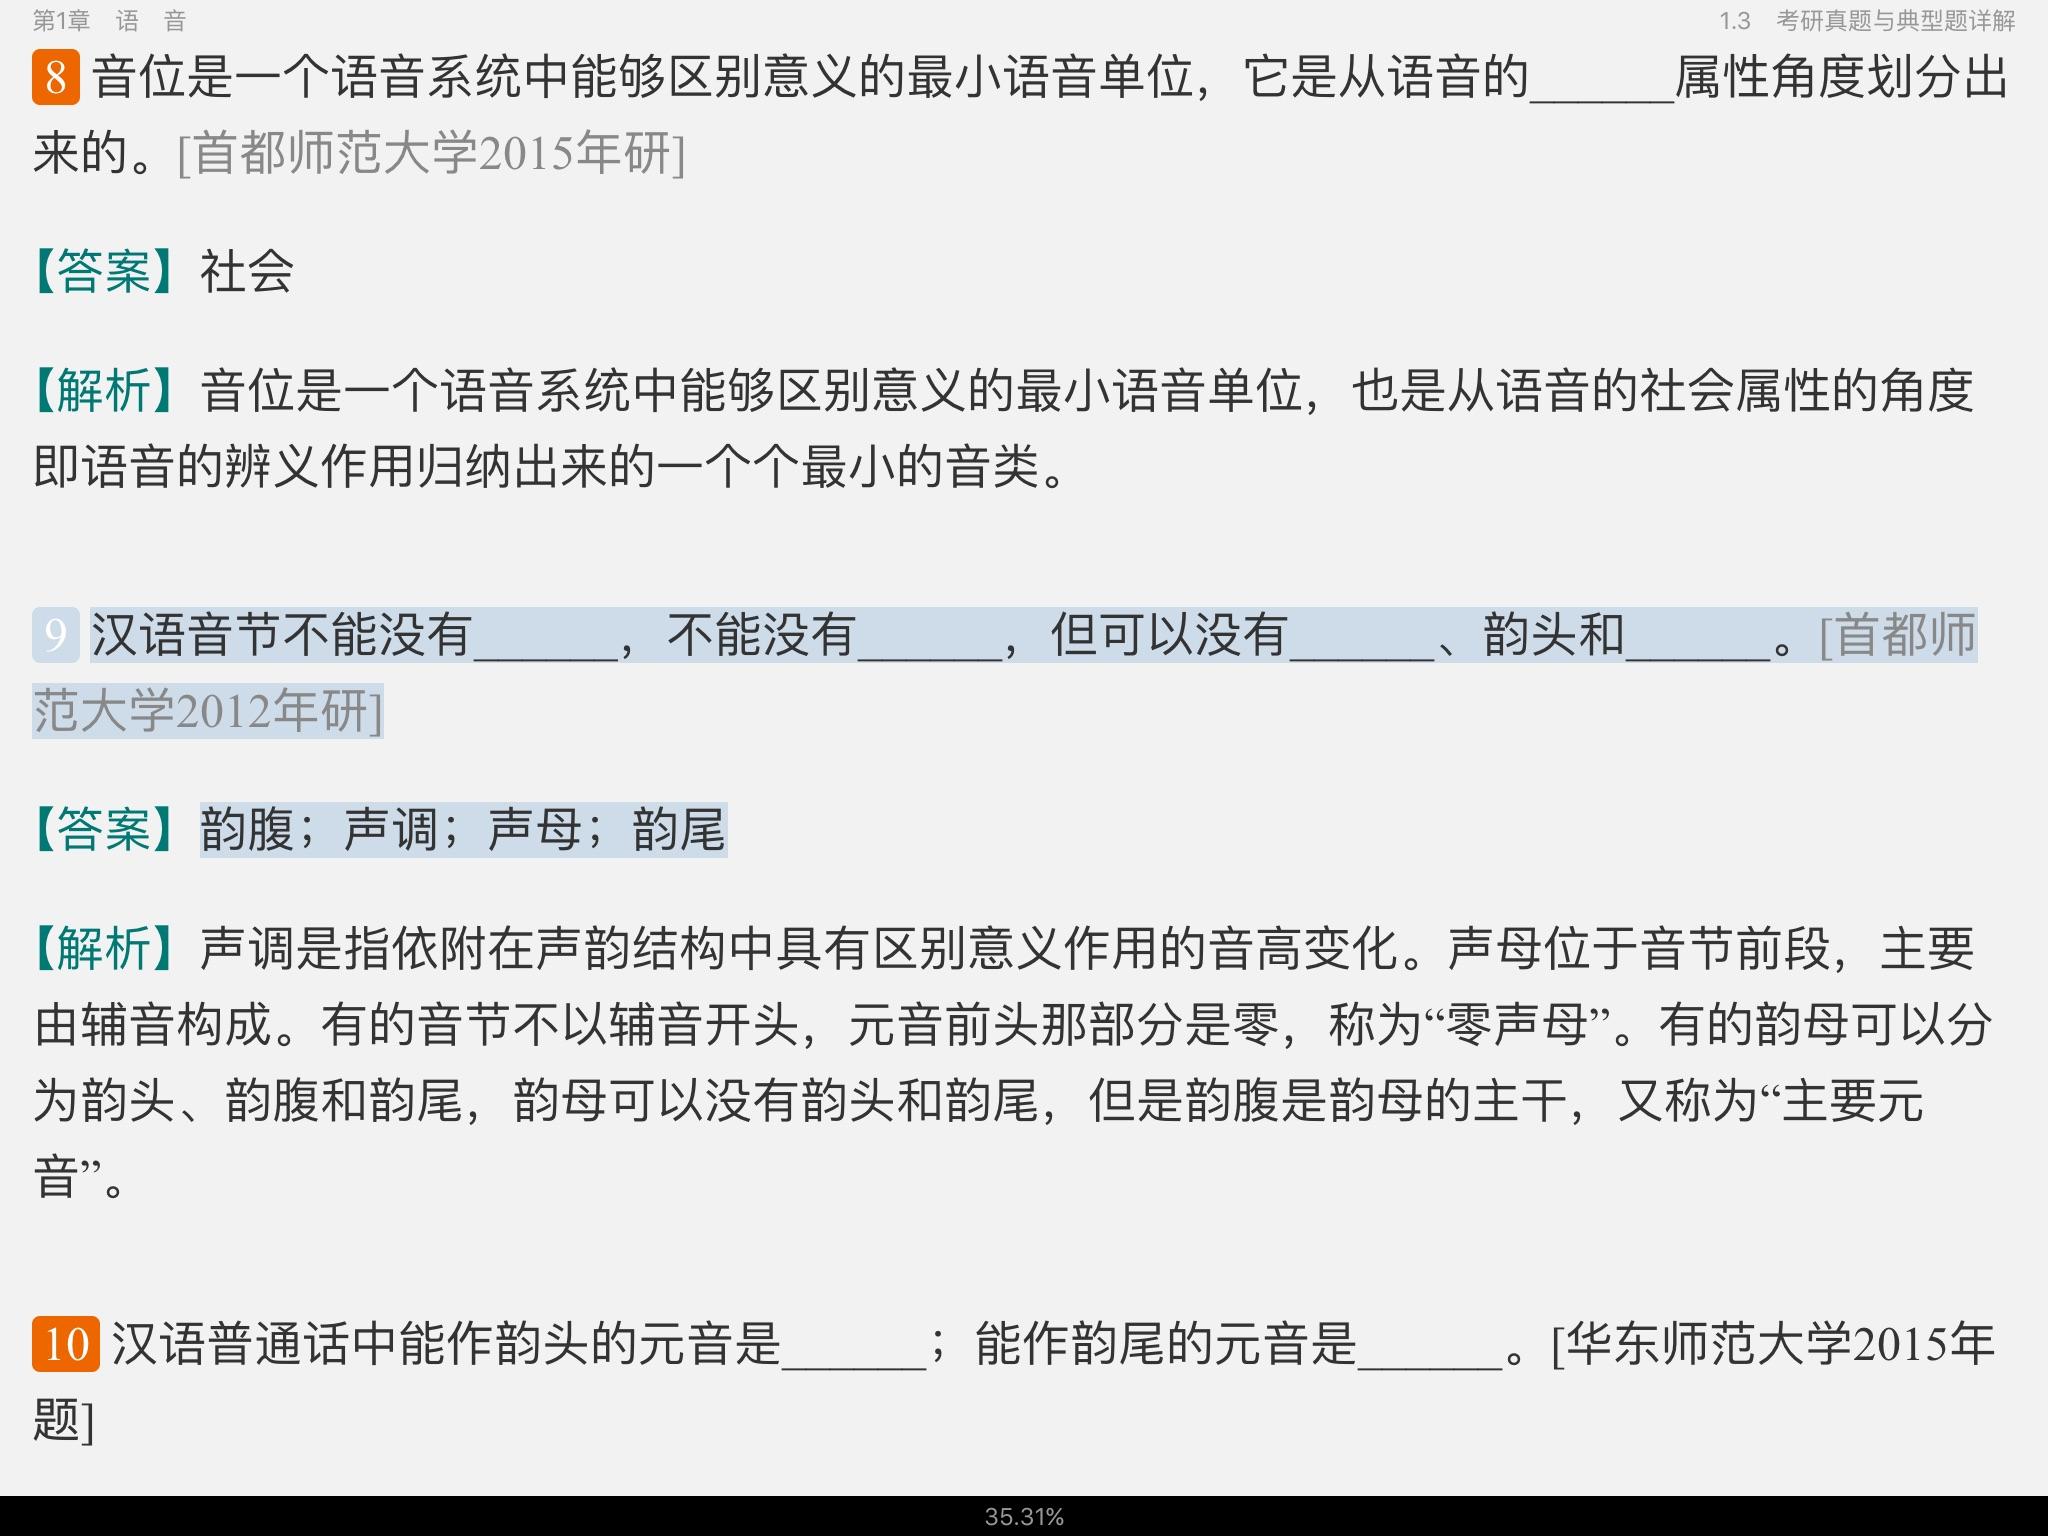 黄伯荣、廖序东《现代汉语》(增订6版)笔记和课后习题(含考研真题)详解